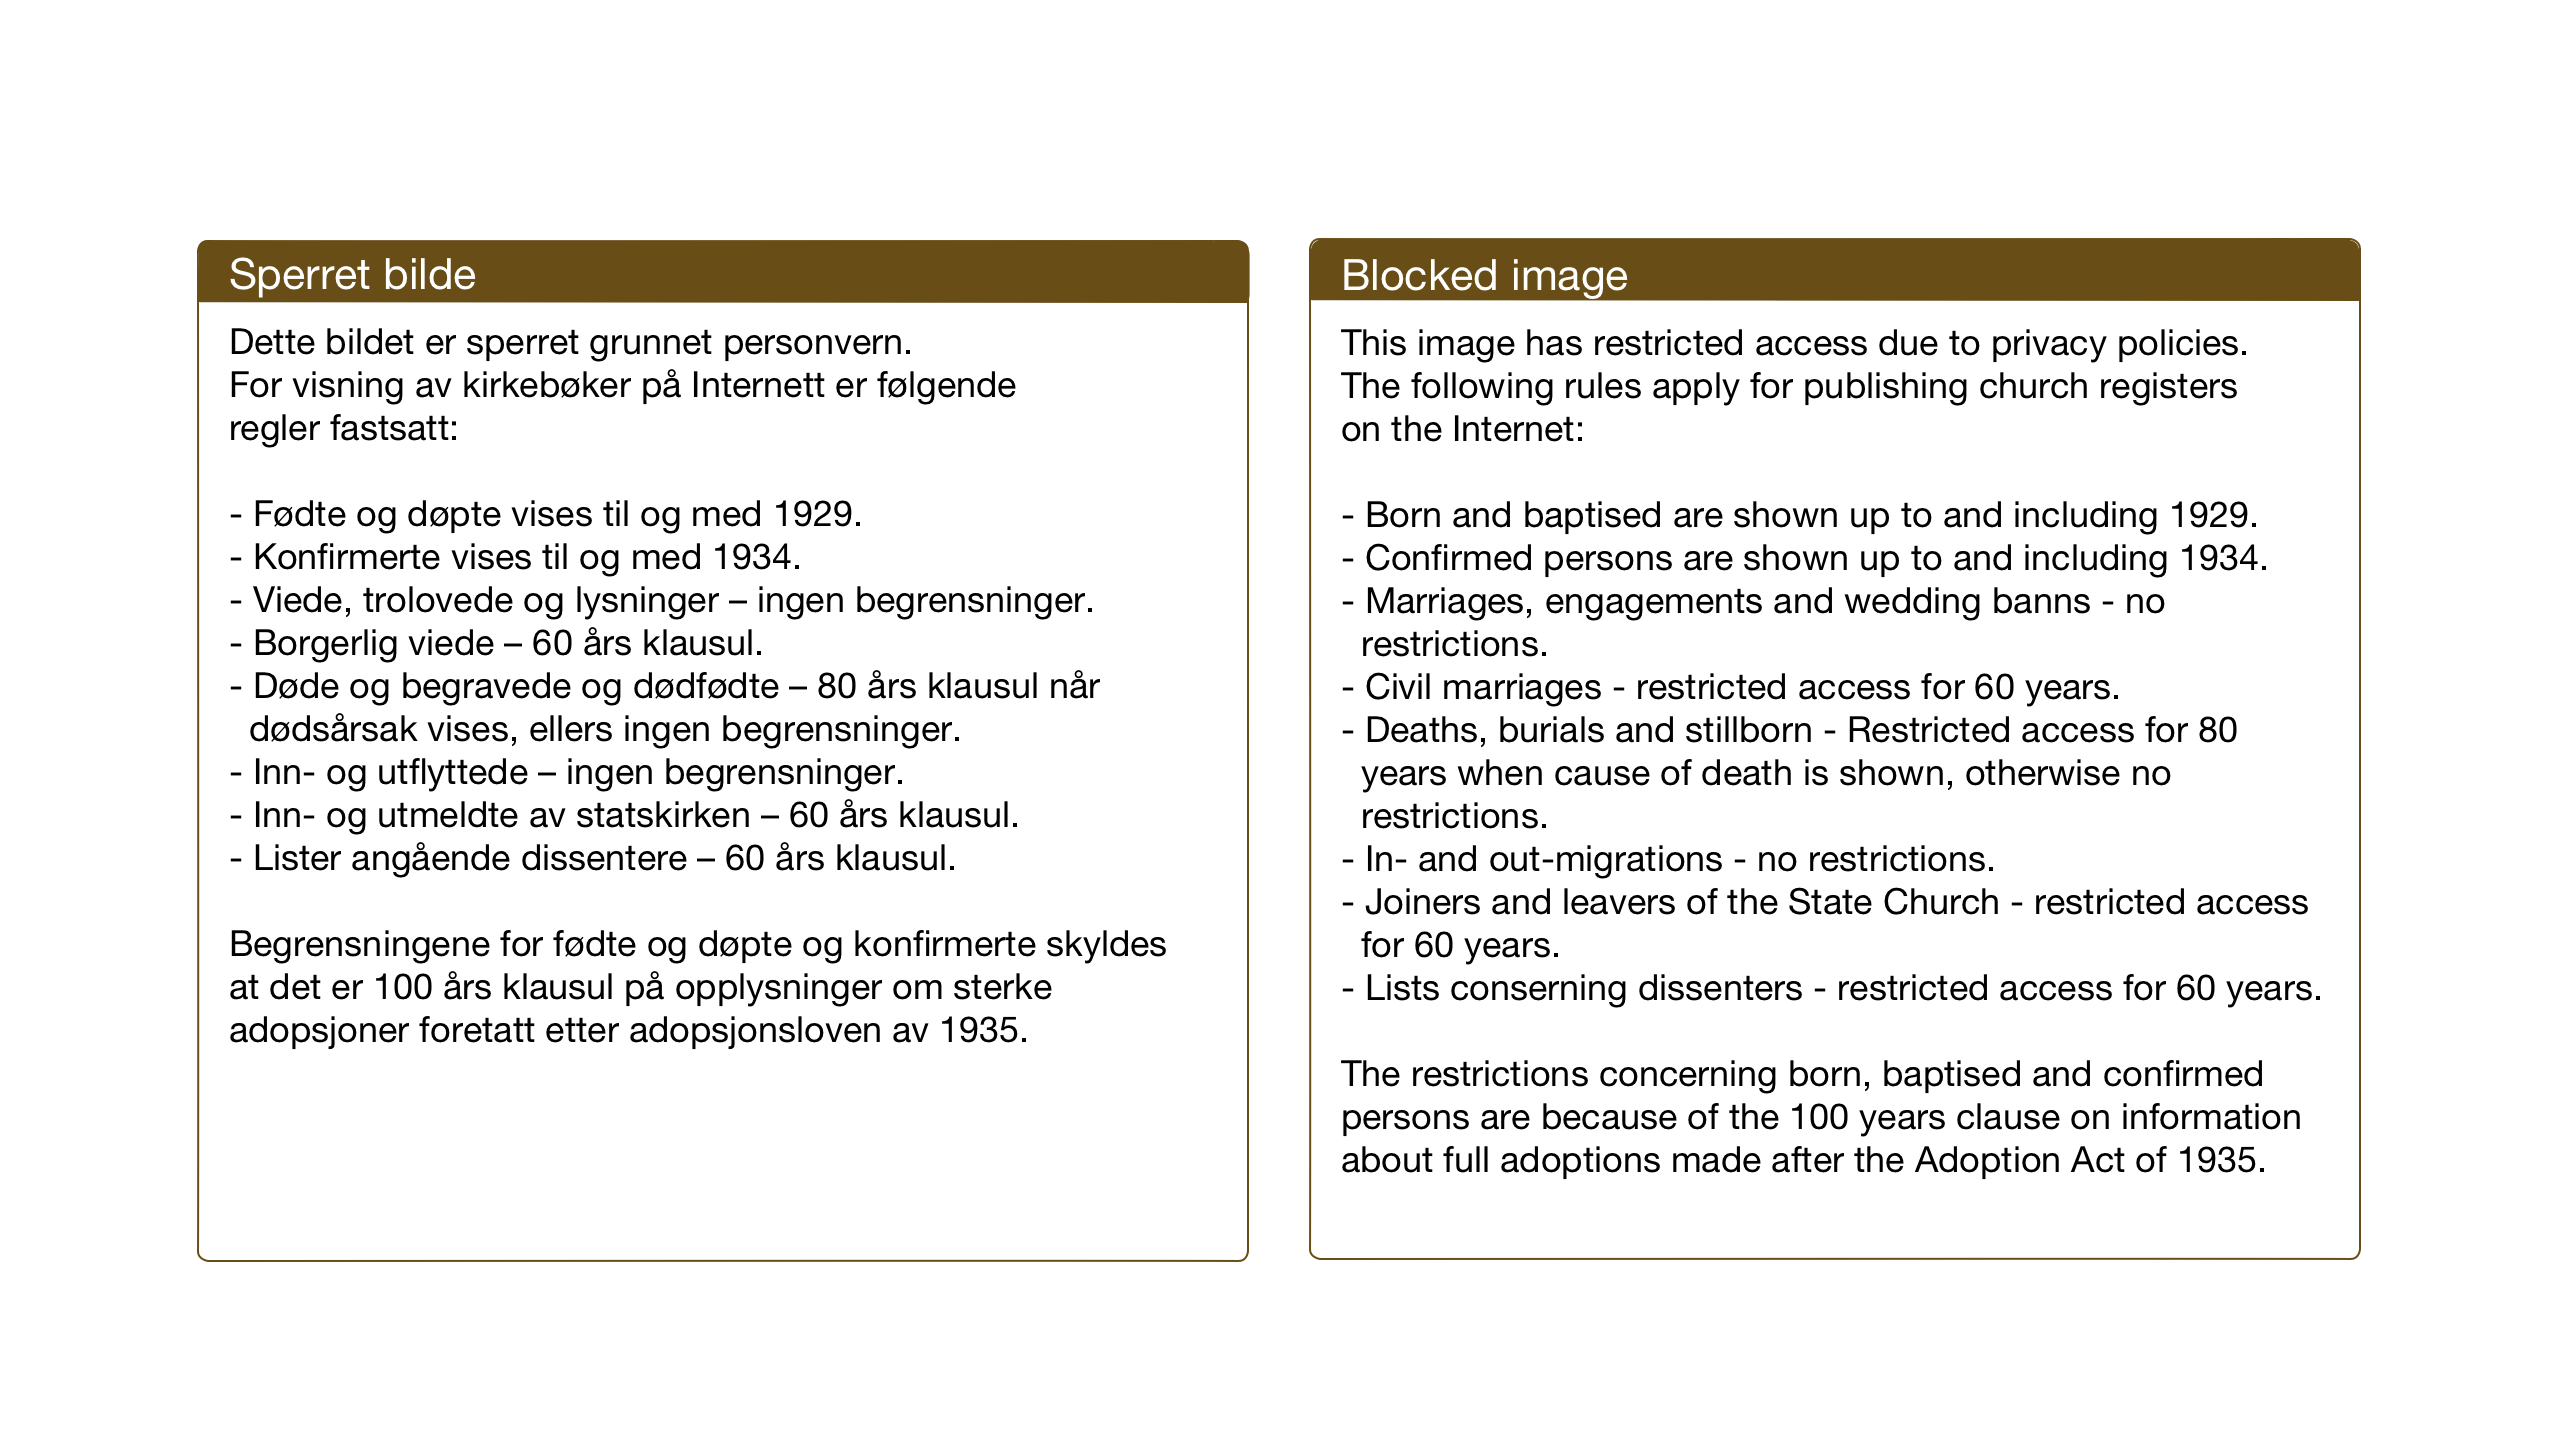 SAT, Ministerialprotokoller, klokkerbøker og fødselsregistre - Nord-Trøndelag, 721/L0209: Klokkerbok nr. 721C02, 1918-1940, s. 159